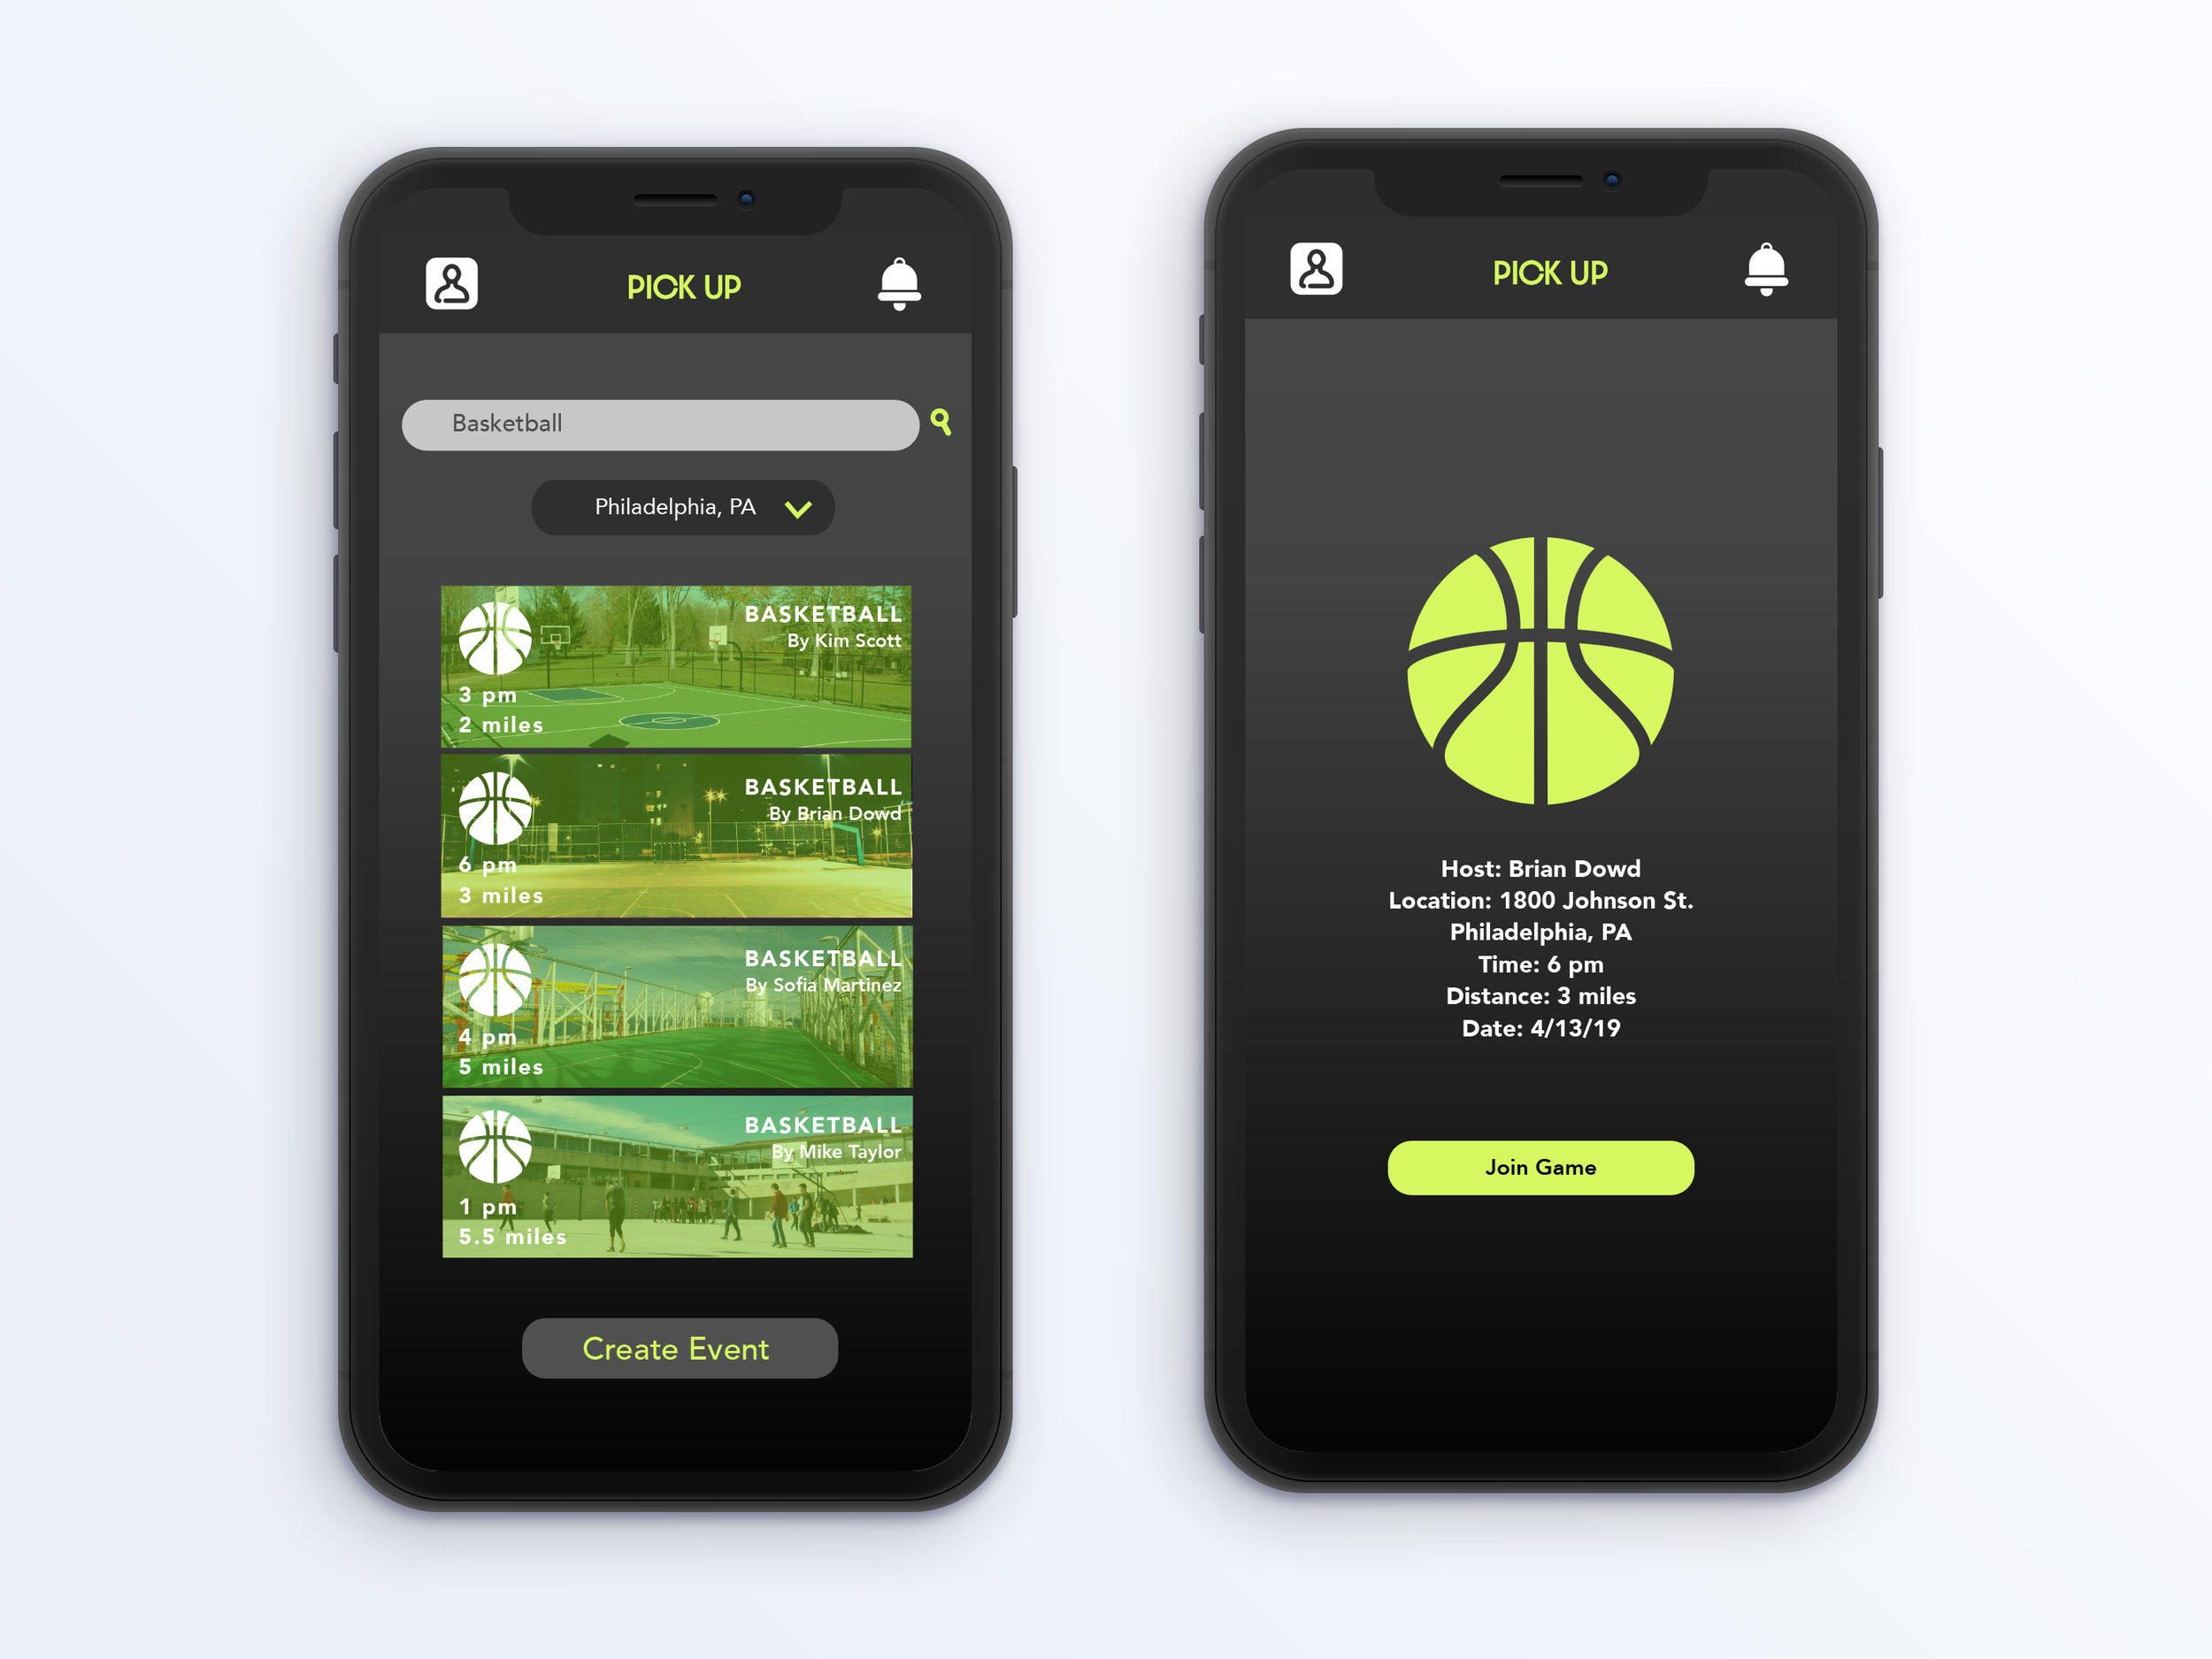 pickupscreens1.jpg